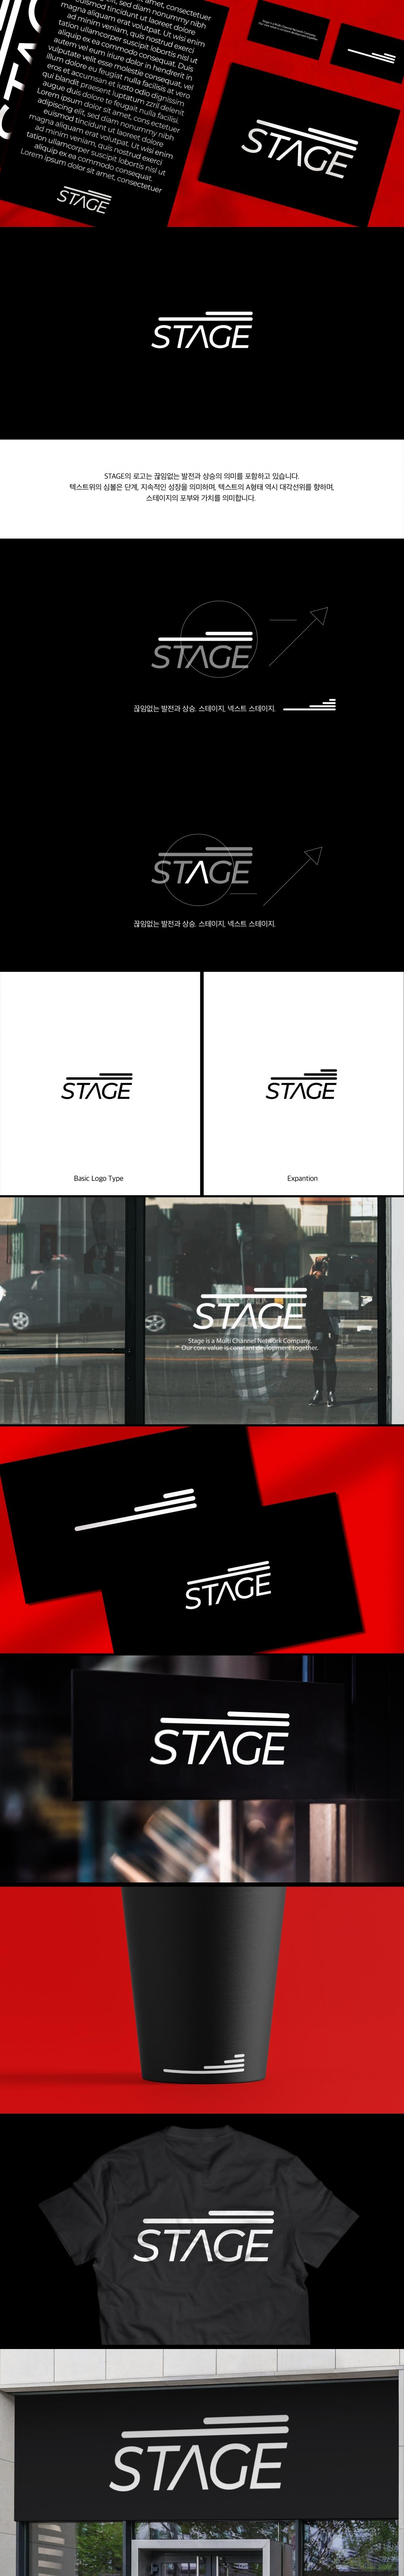 로고+명함 디자인 | MCN 회사의 로고 디자인 의뢰 | 라우드소싱 포트폴리오